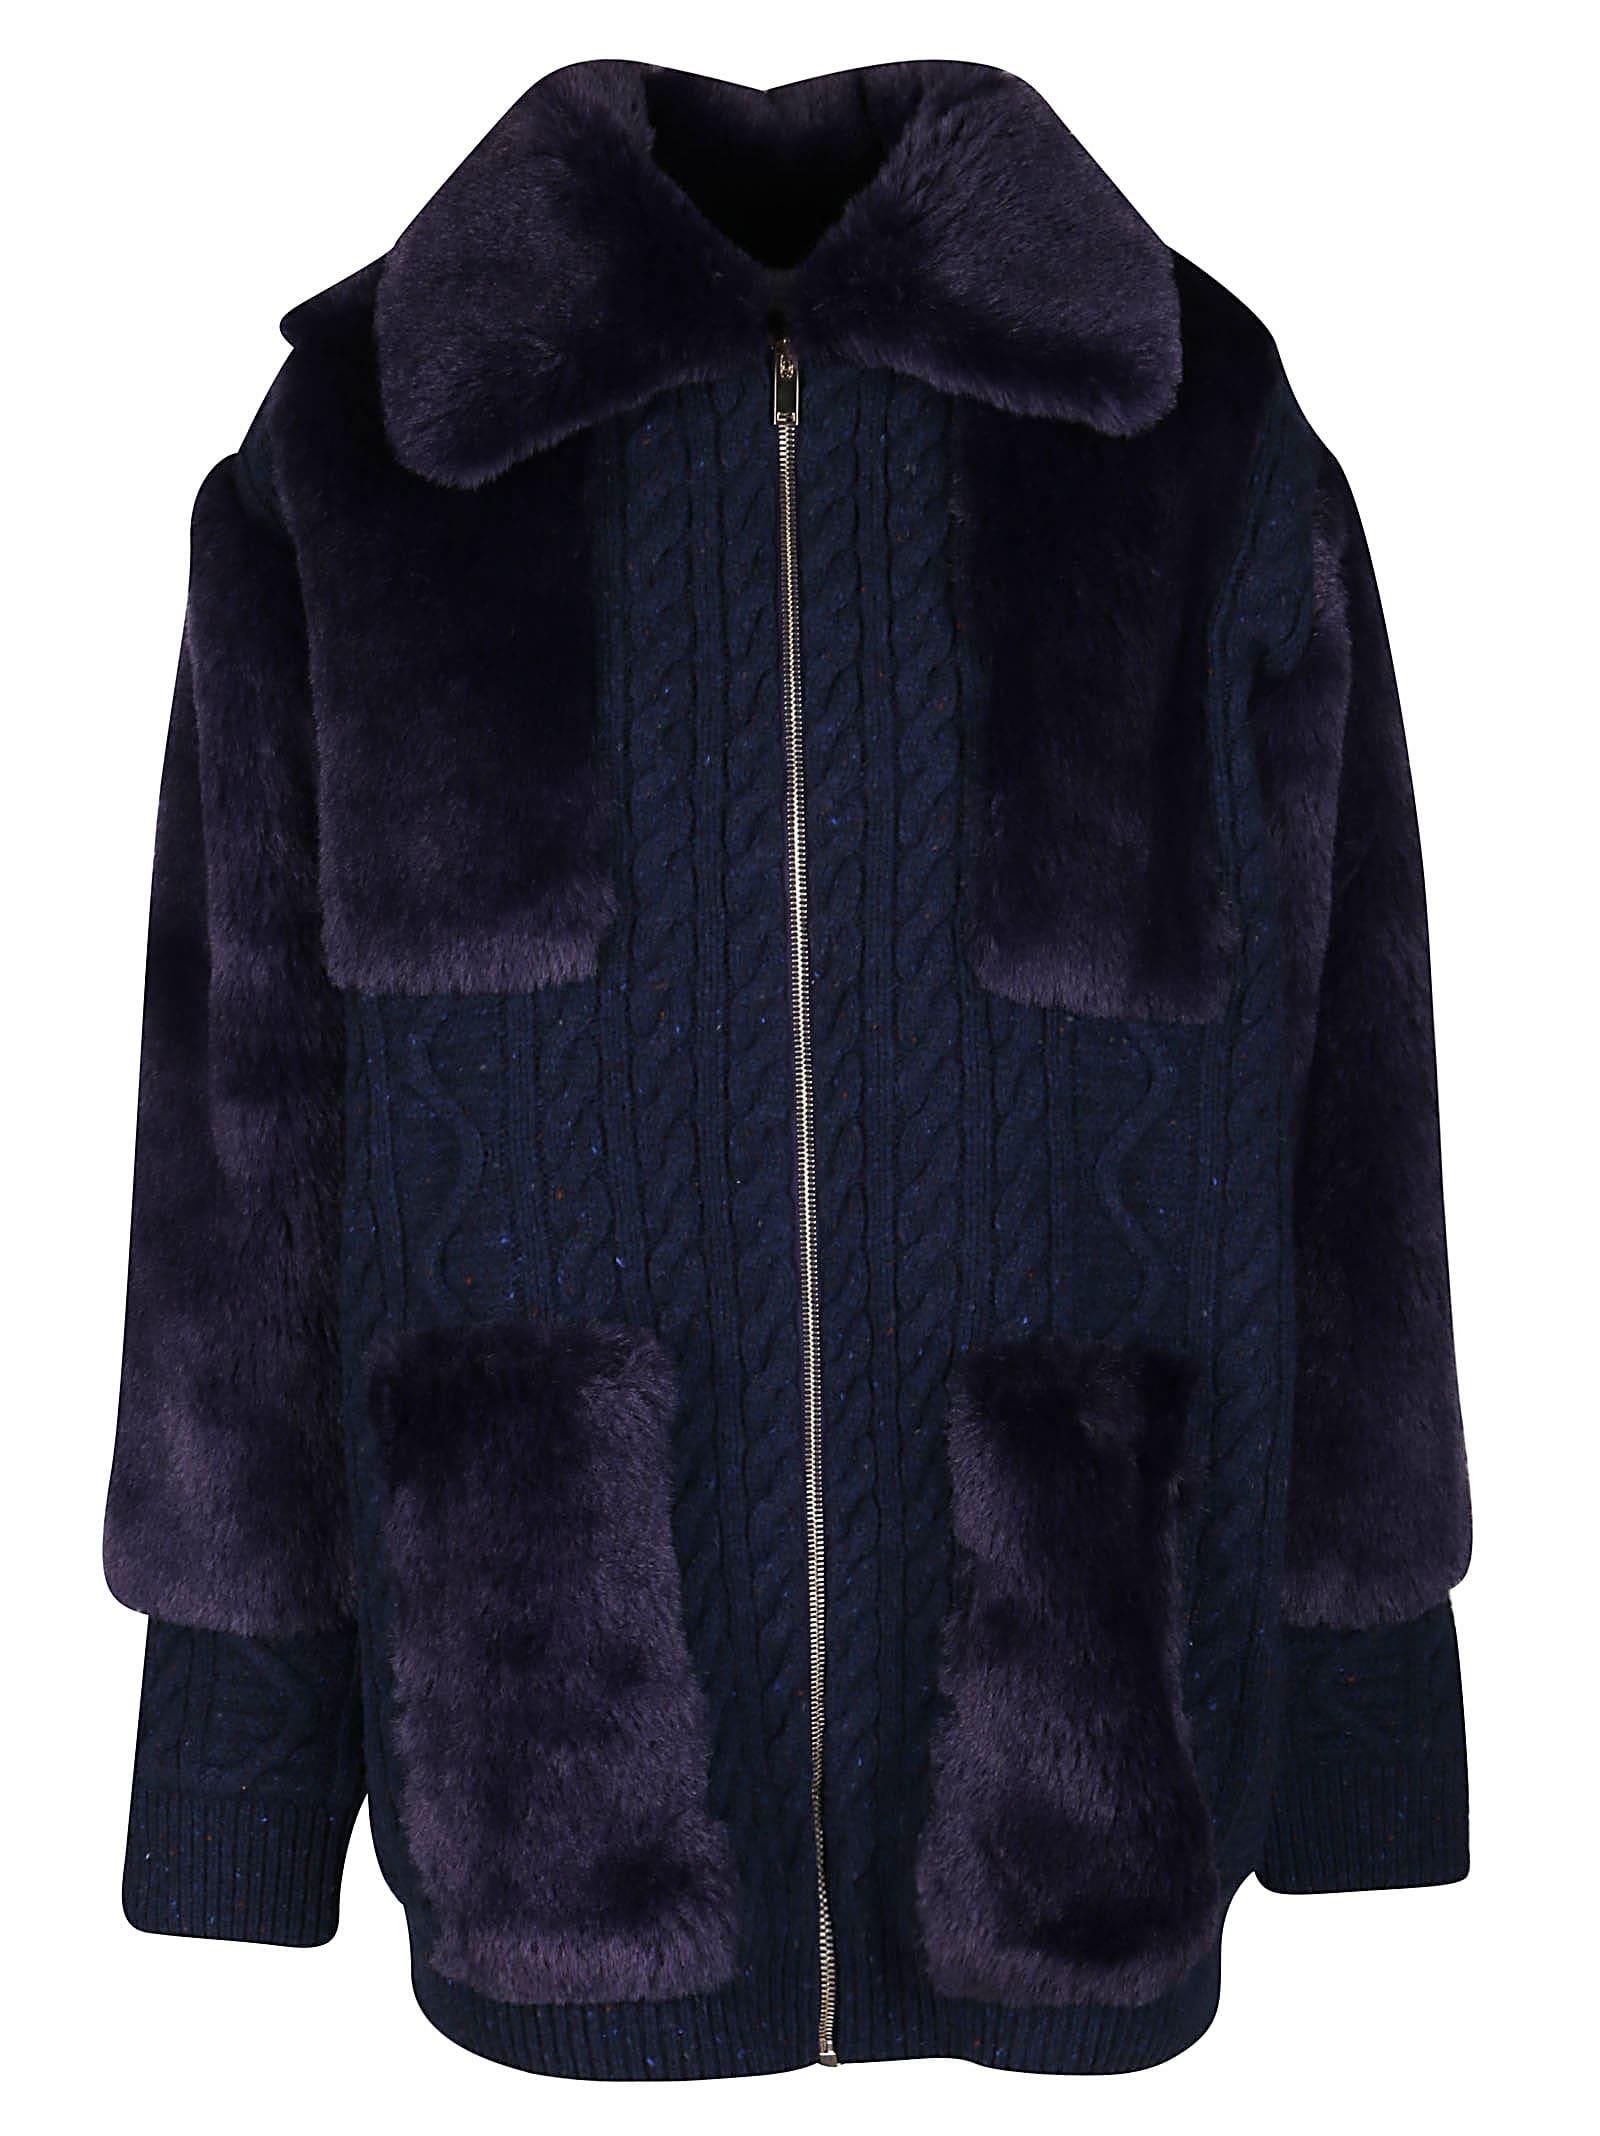 Stella McCartney Blue Virgin Wool Coat